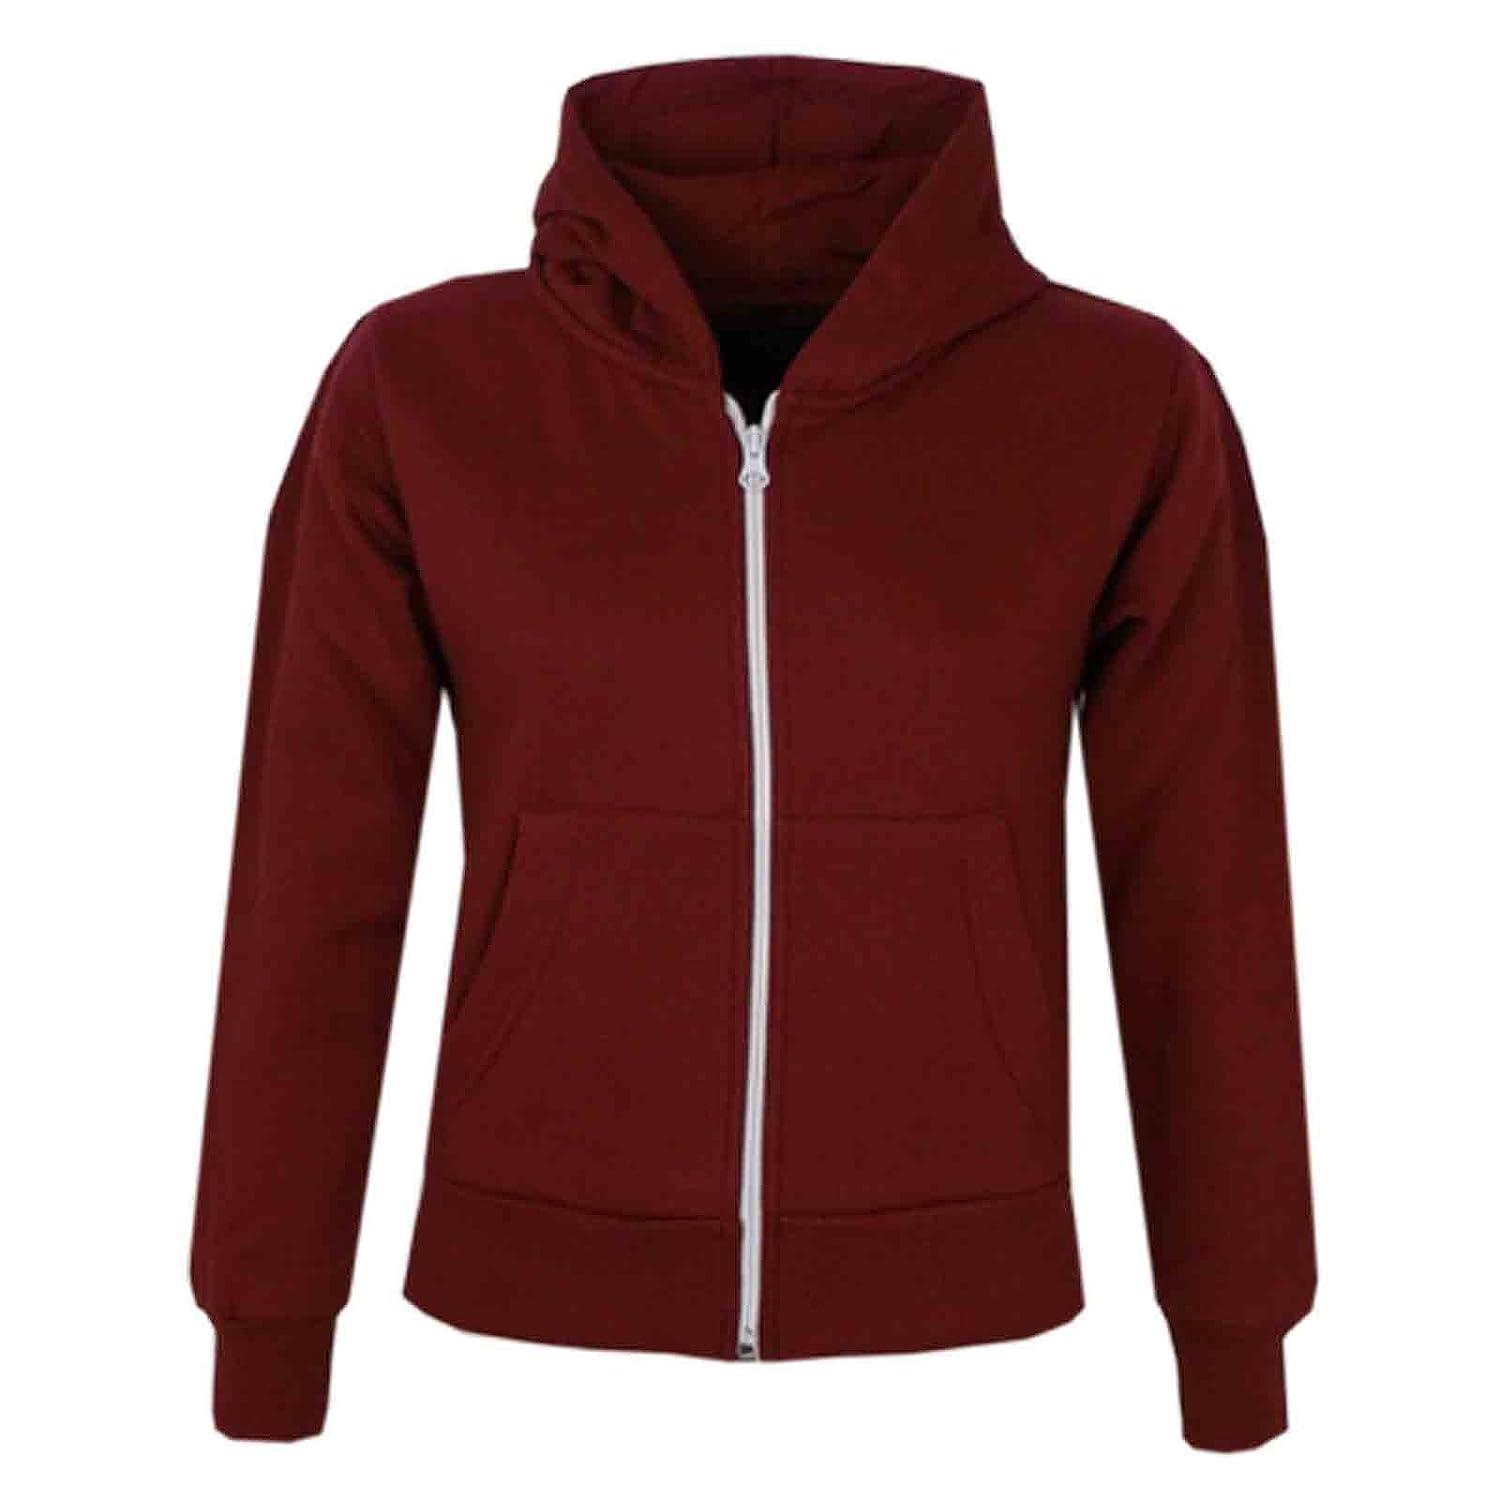 A2Z 4 Kids Kids Jacket Girls Boys Plain Fleece Hoodie Zip Up Style Zipper 5-13